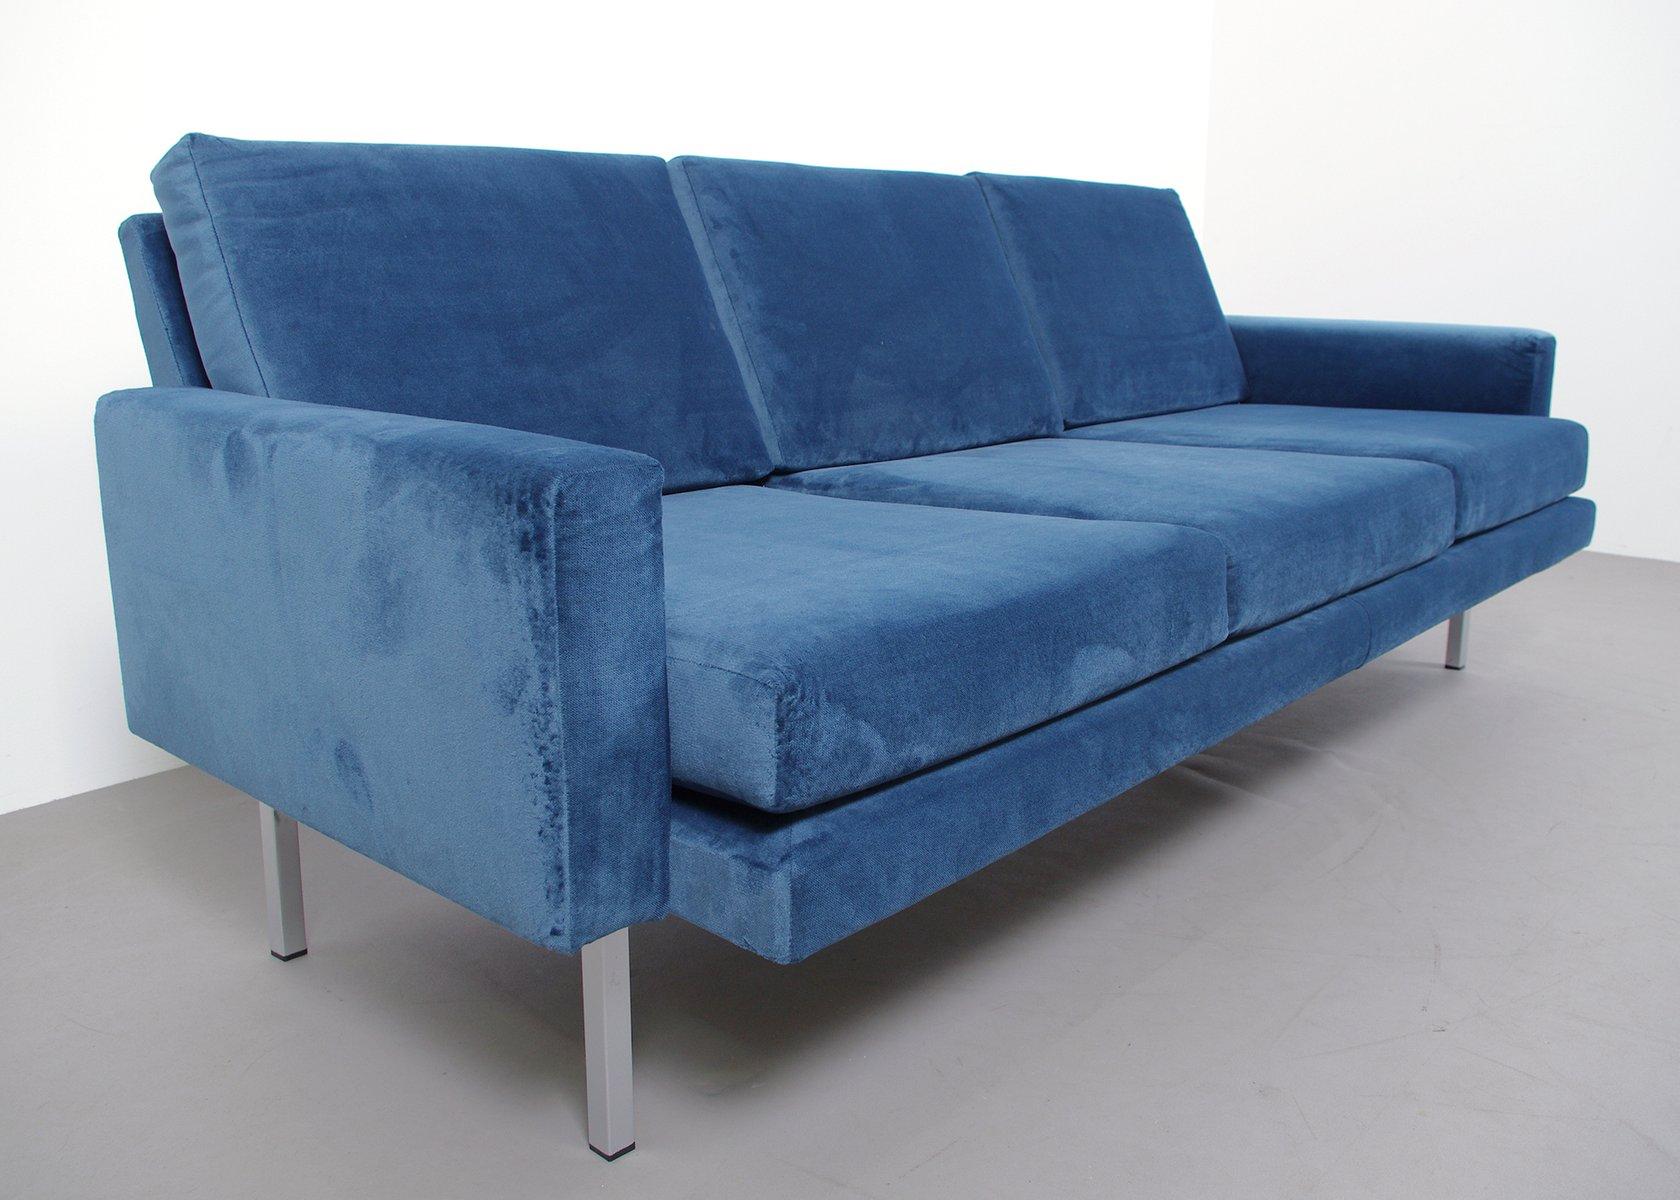 Niederländisches bz44 sofa von martin visser für 't spectrum ...